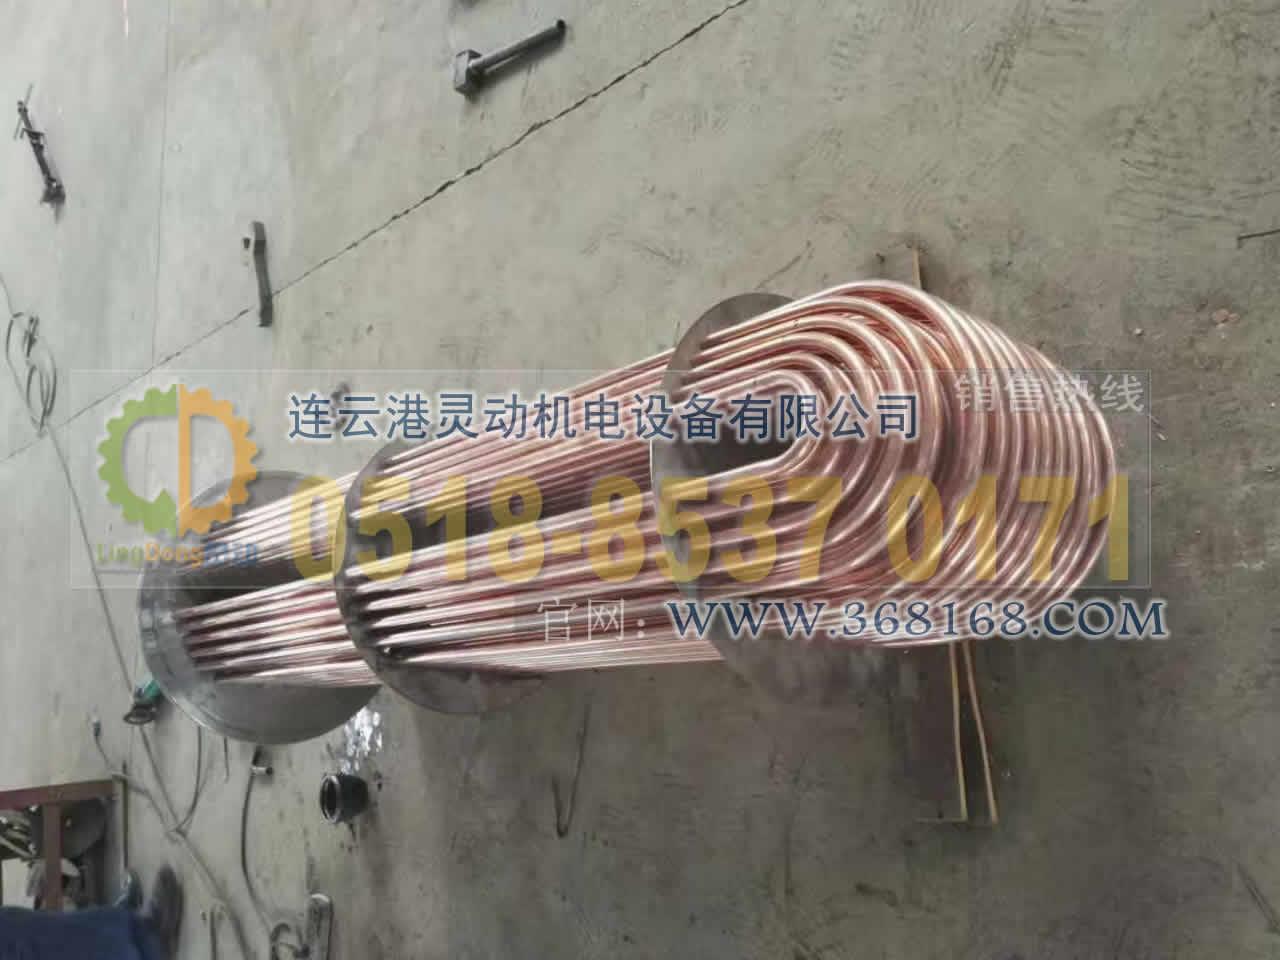 余热回收装置换管收能器换管铜紫管安装厂家